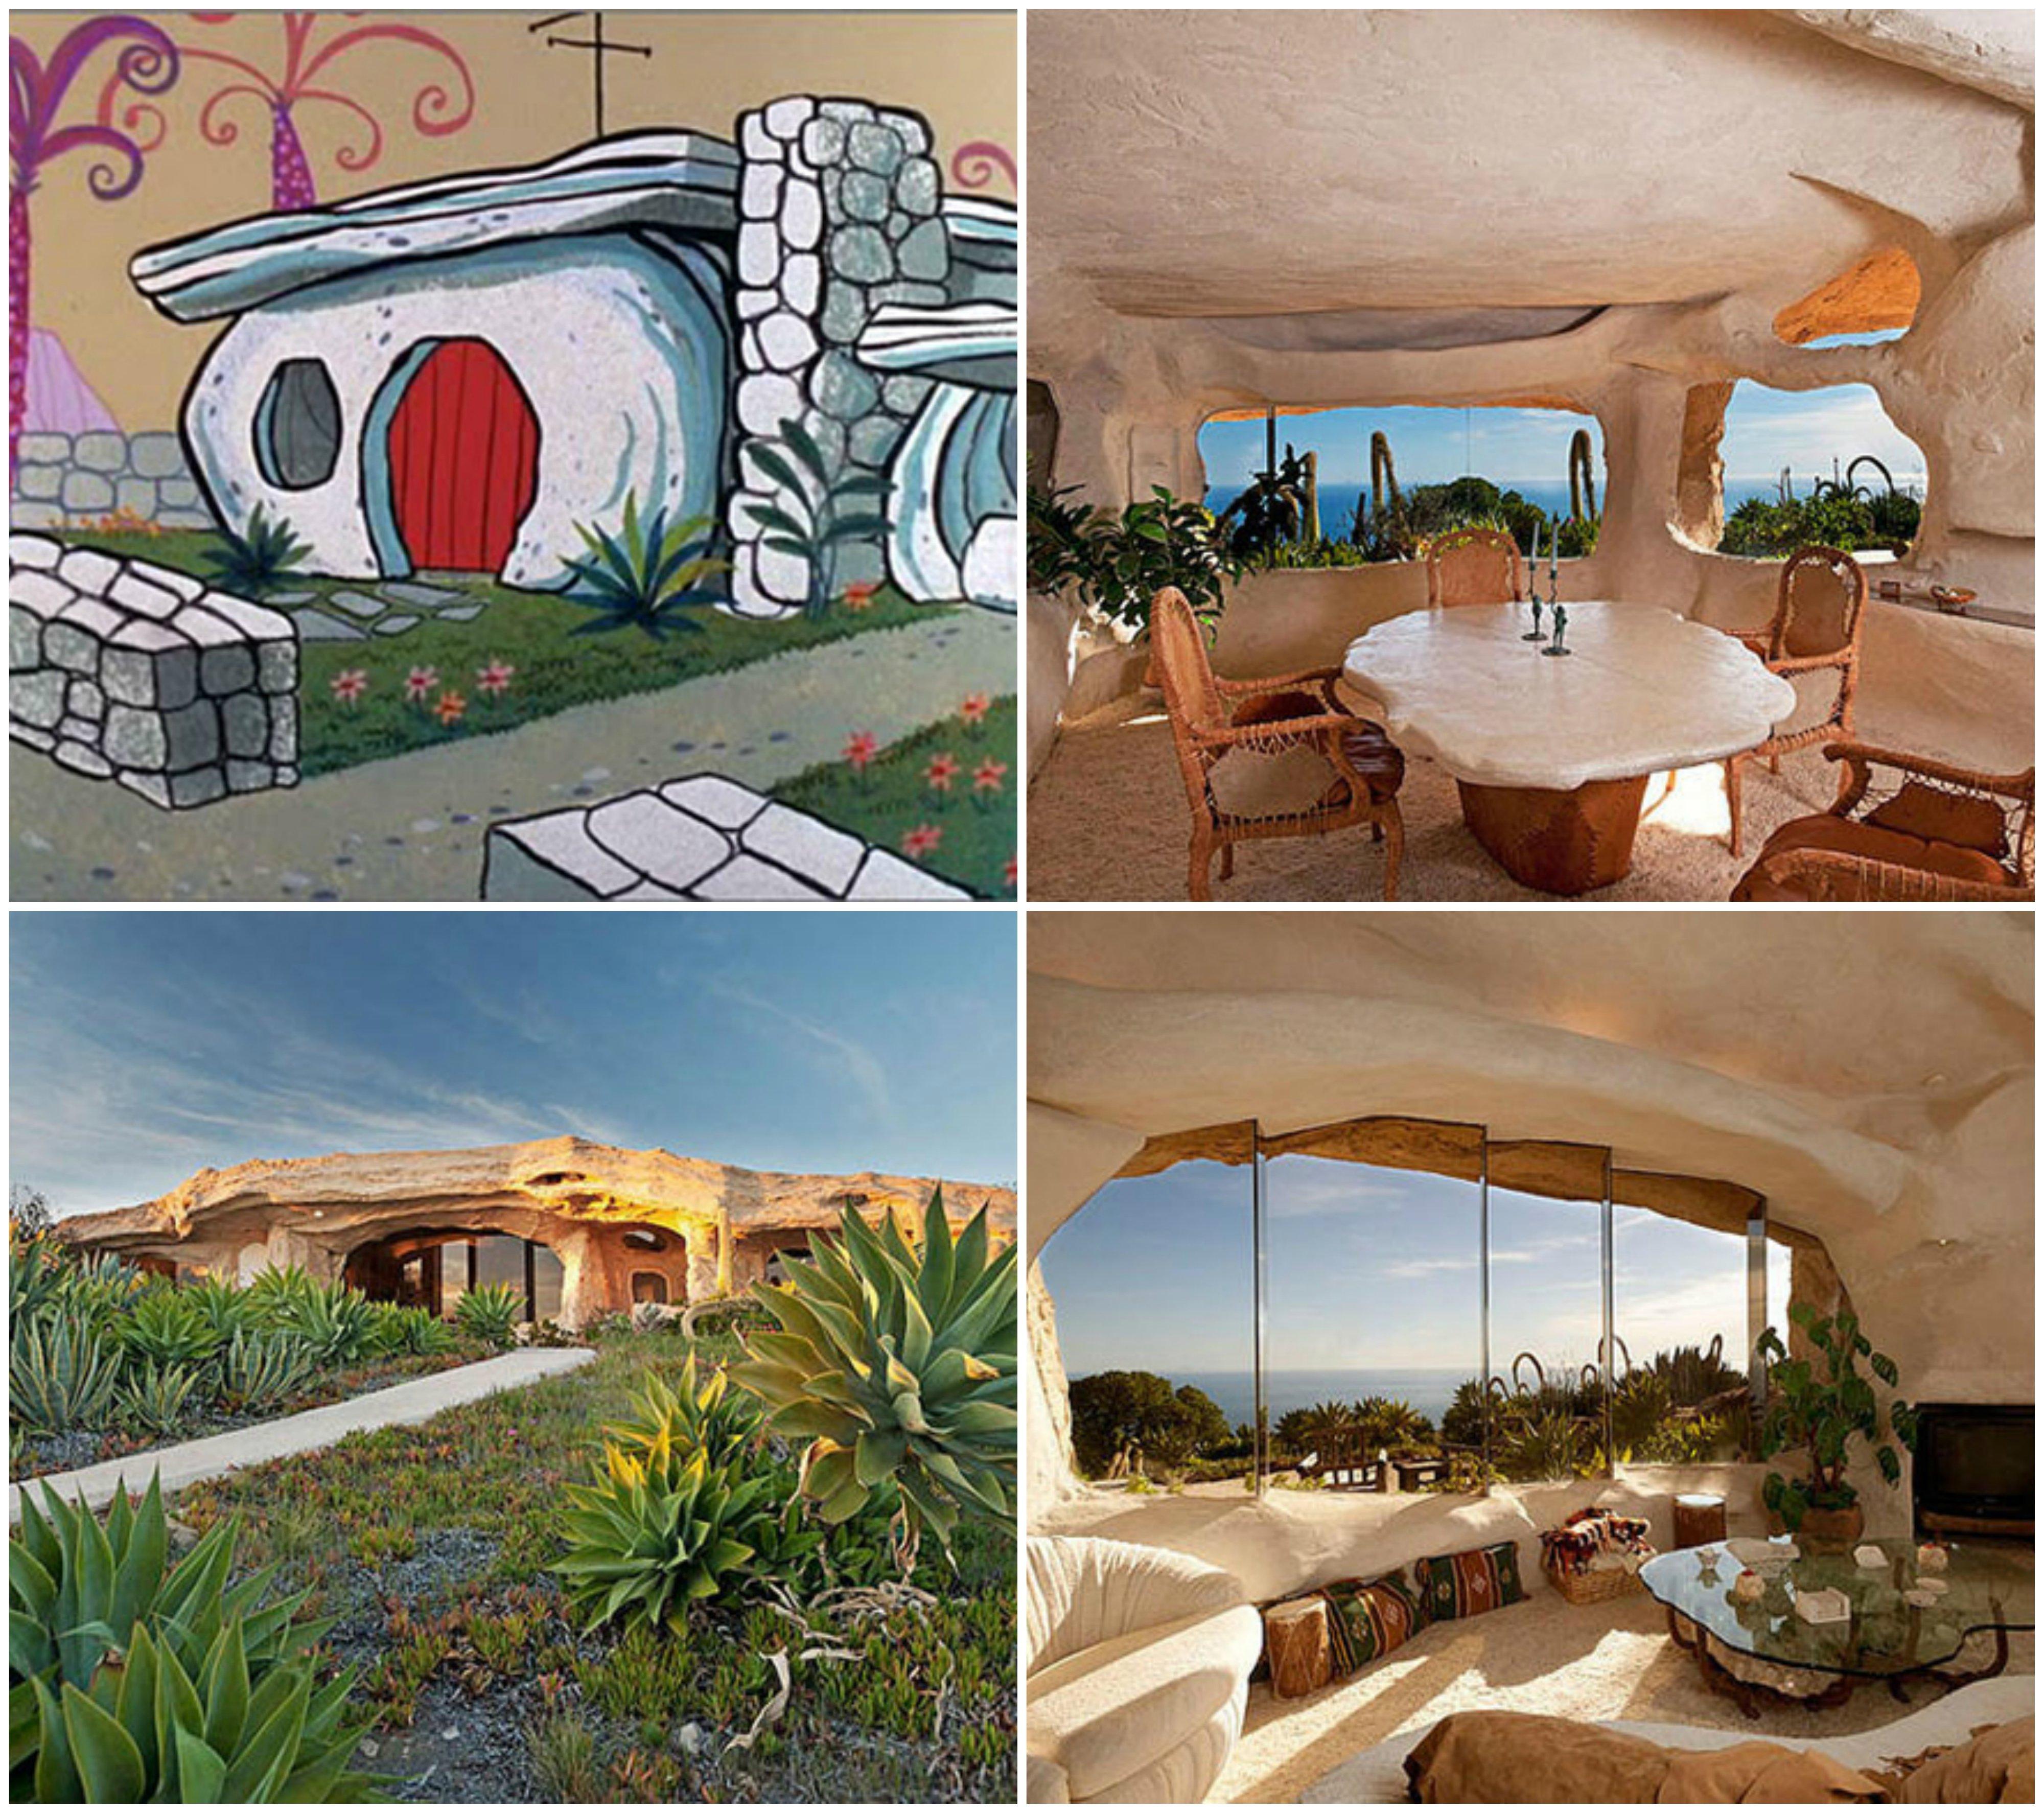 10 casas de caricaturas que existen en la vida real - Ambientadores naturales para la casa ...